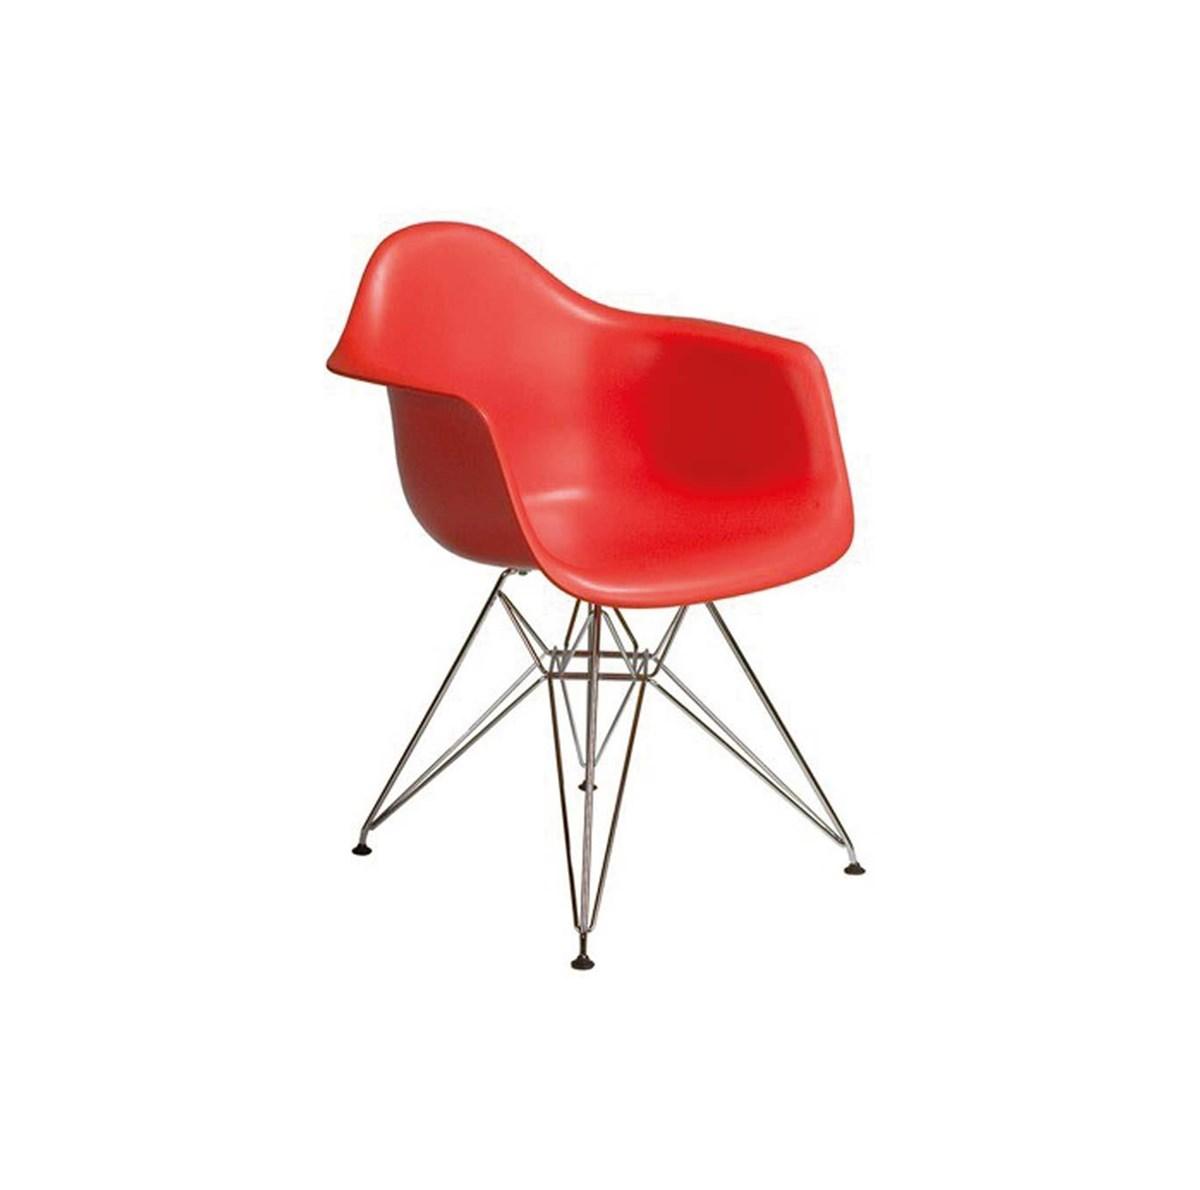 Herman-Miller-Charles-Ray-Eames-Eames®-DAR-Armchair-Matisse-1